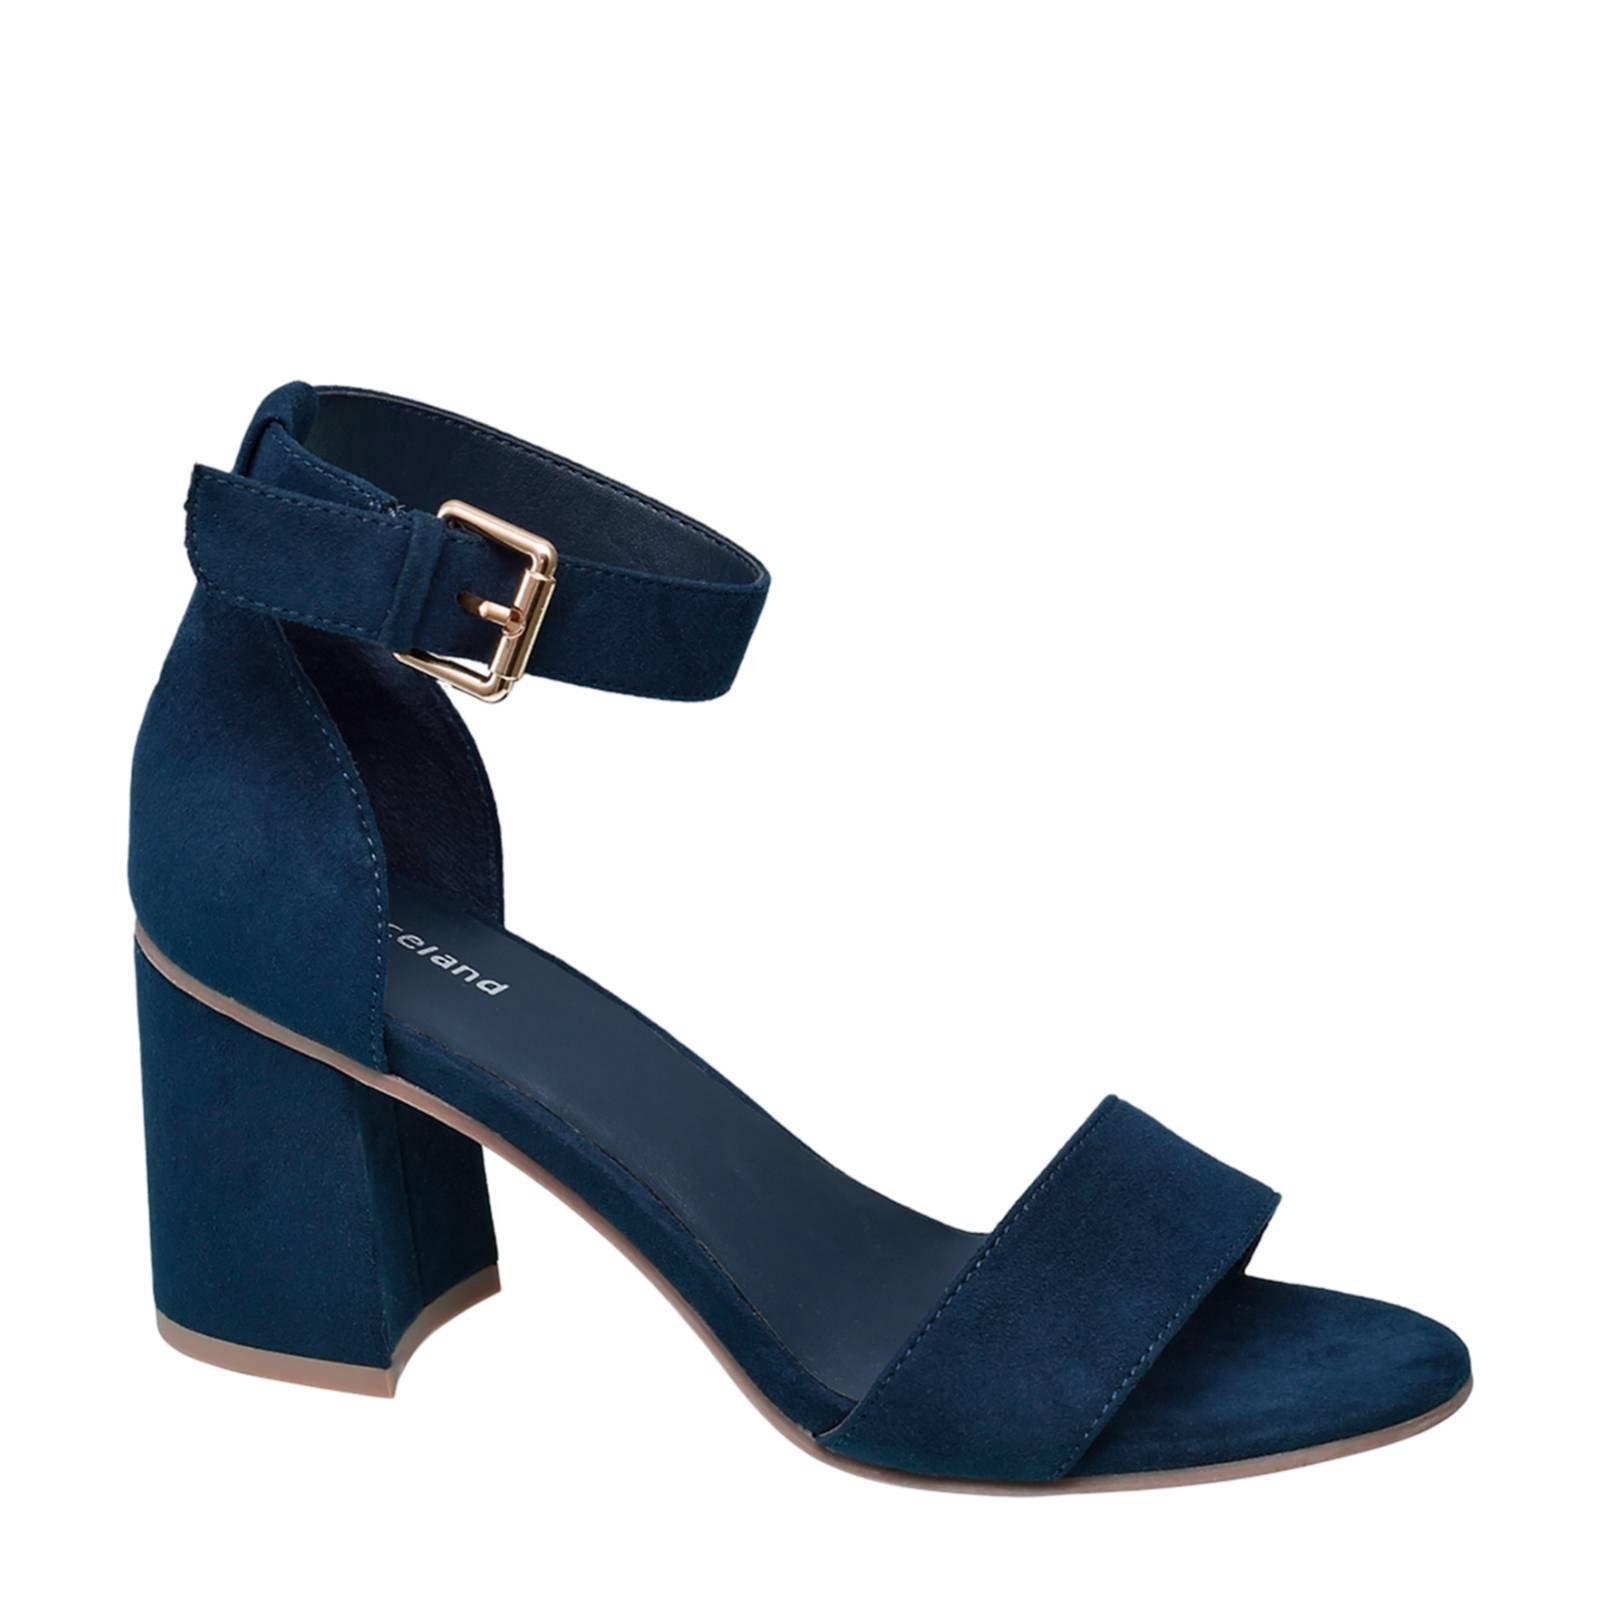 Chaussures Graceland Avec Boucle Pour Femmes 2j0vhDU